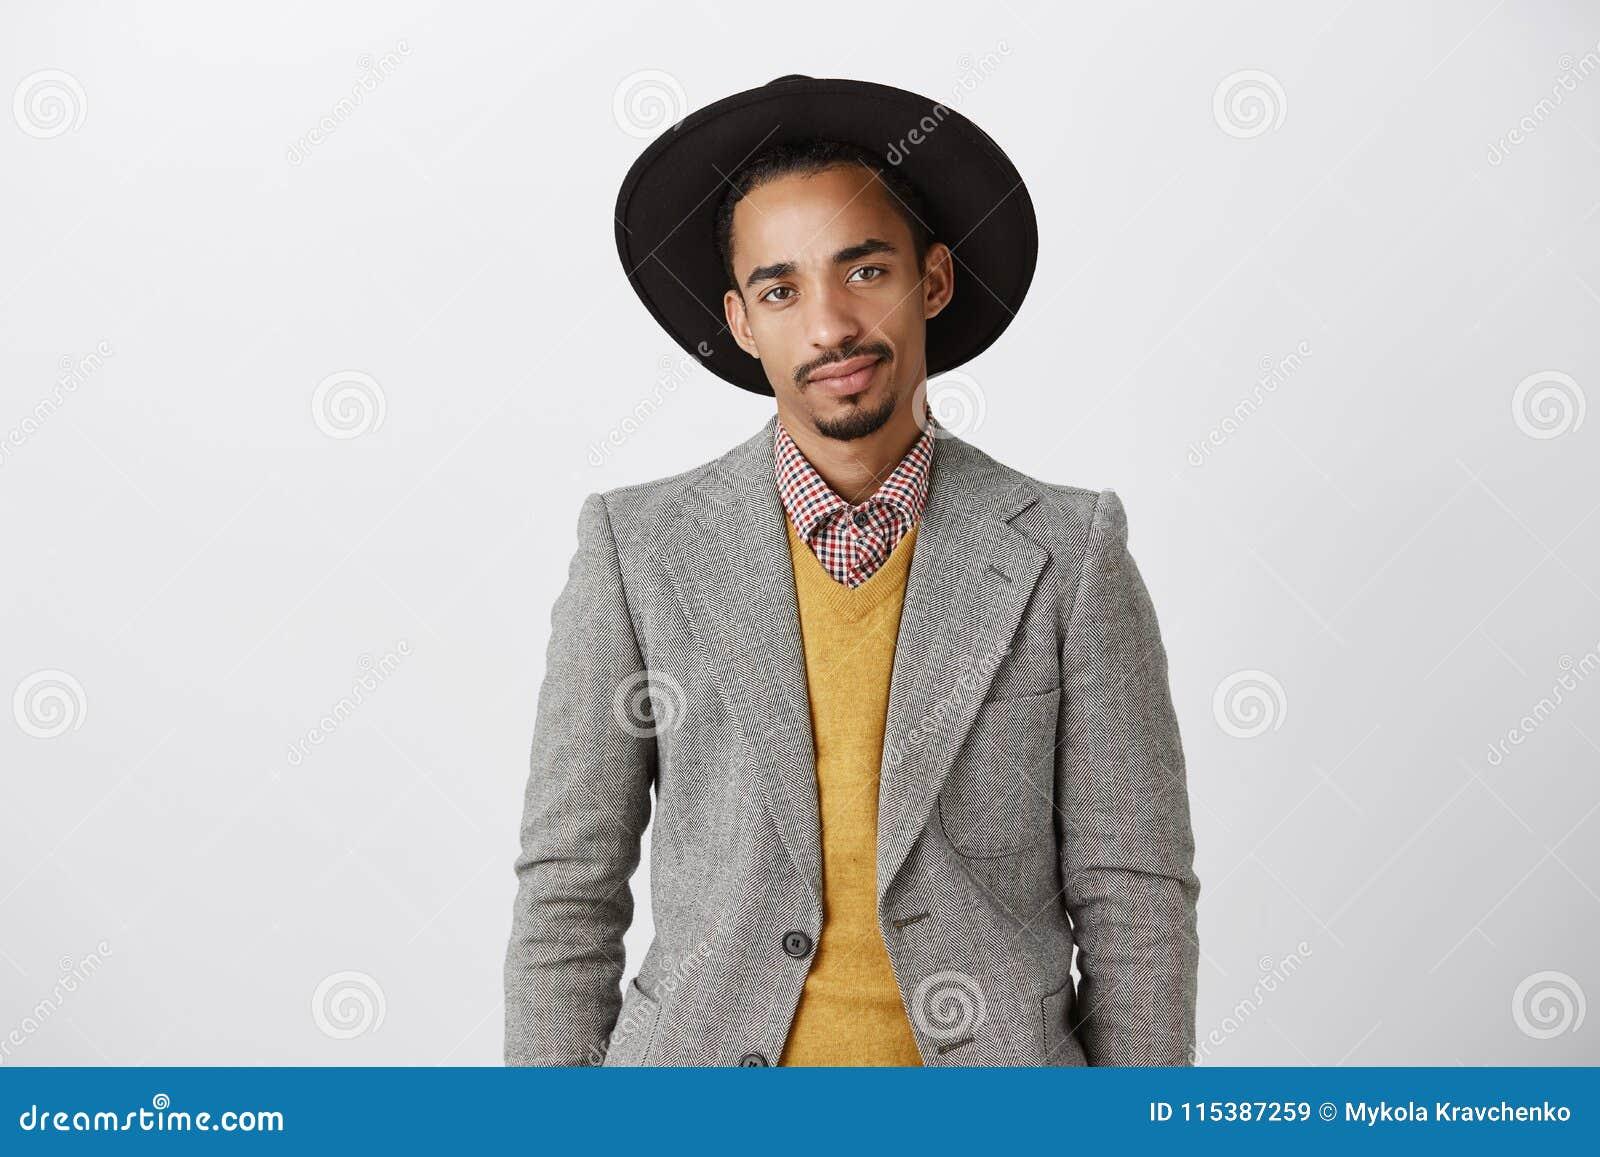 Facet jest nieznacznie intensywny podczas wywiadu Portret poważny przystojny afroamerykanin w modnej kurtce i czarnym kapeluszu